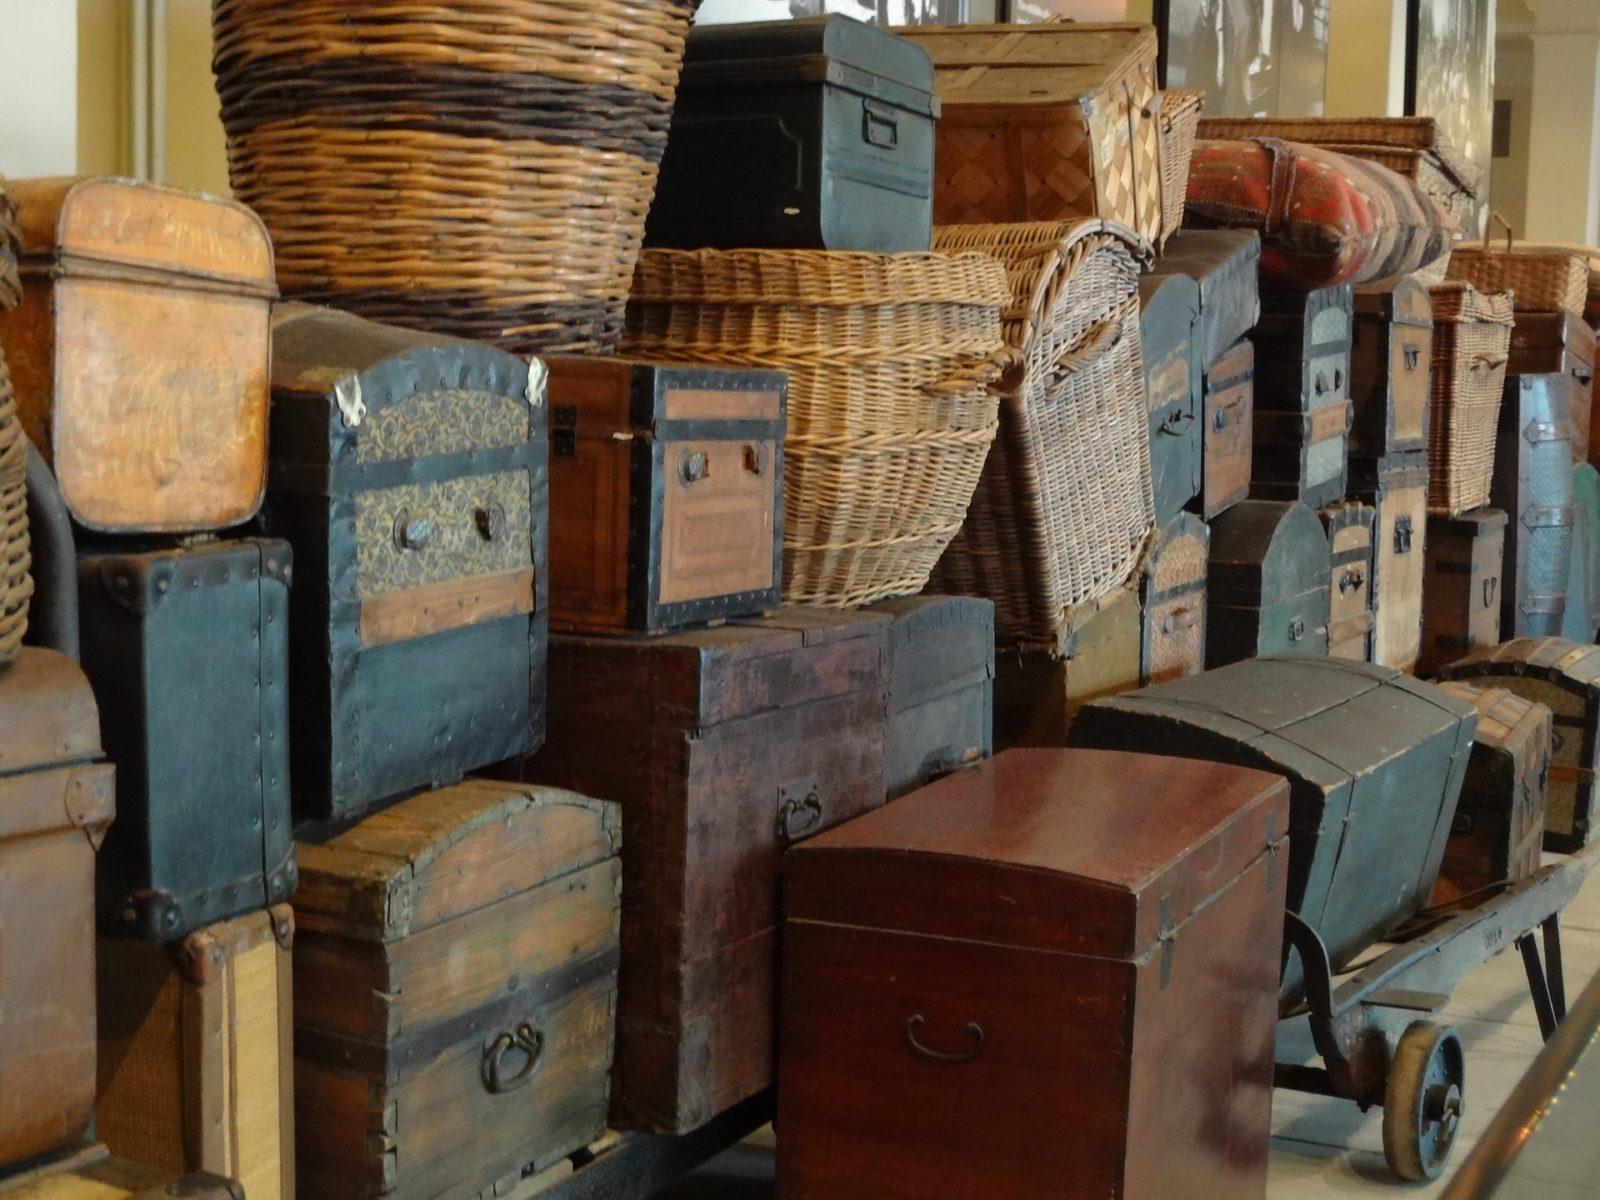 vintage-luggage-652875_1920